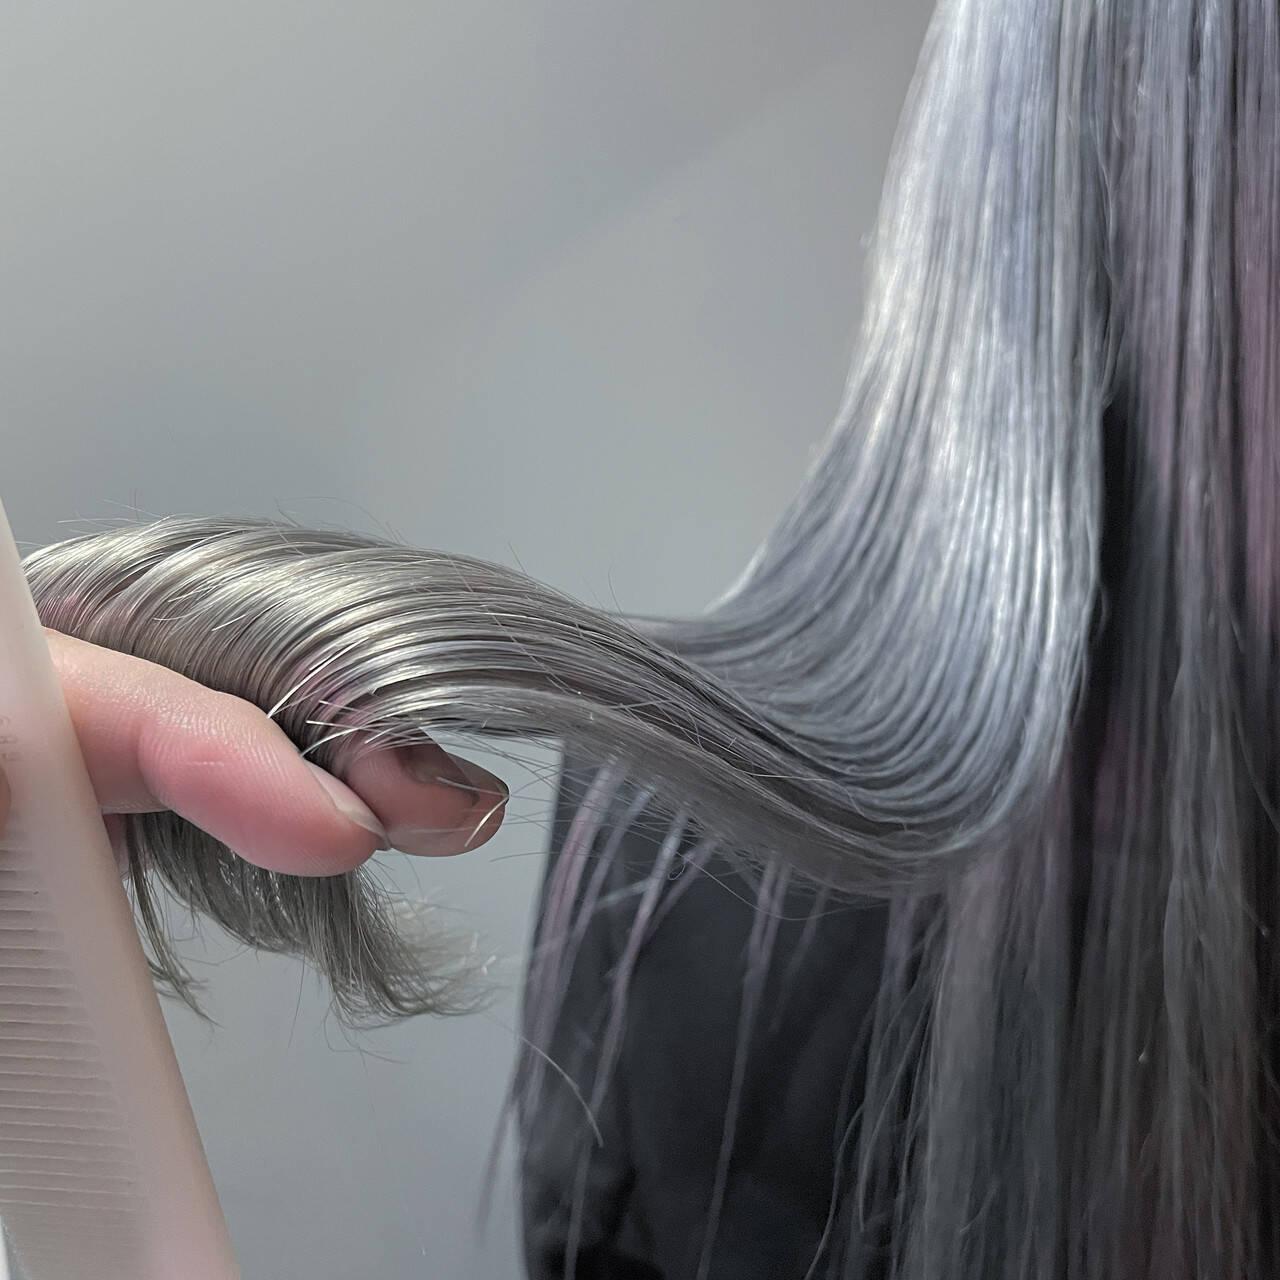 ハイトーン ロング エレガント 艶髪ヘアスタイルや髪型の写真・画像